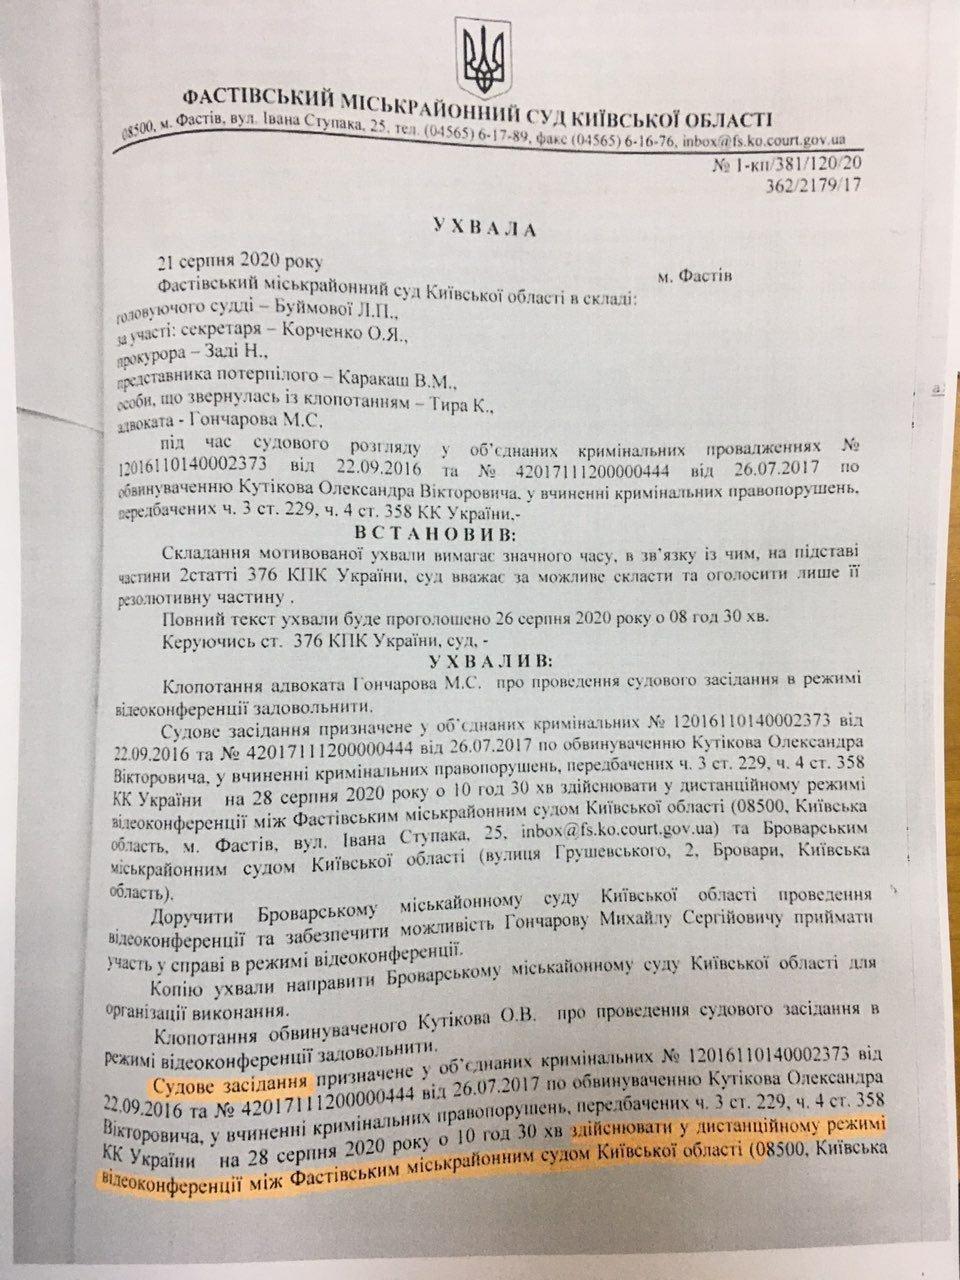 Украинский суд принял постановление о видеоконференции с оккупантами: фото документа